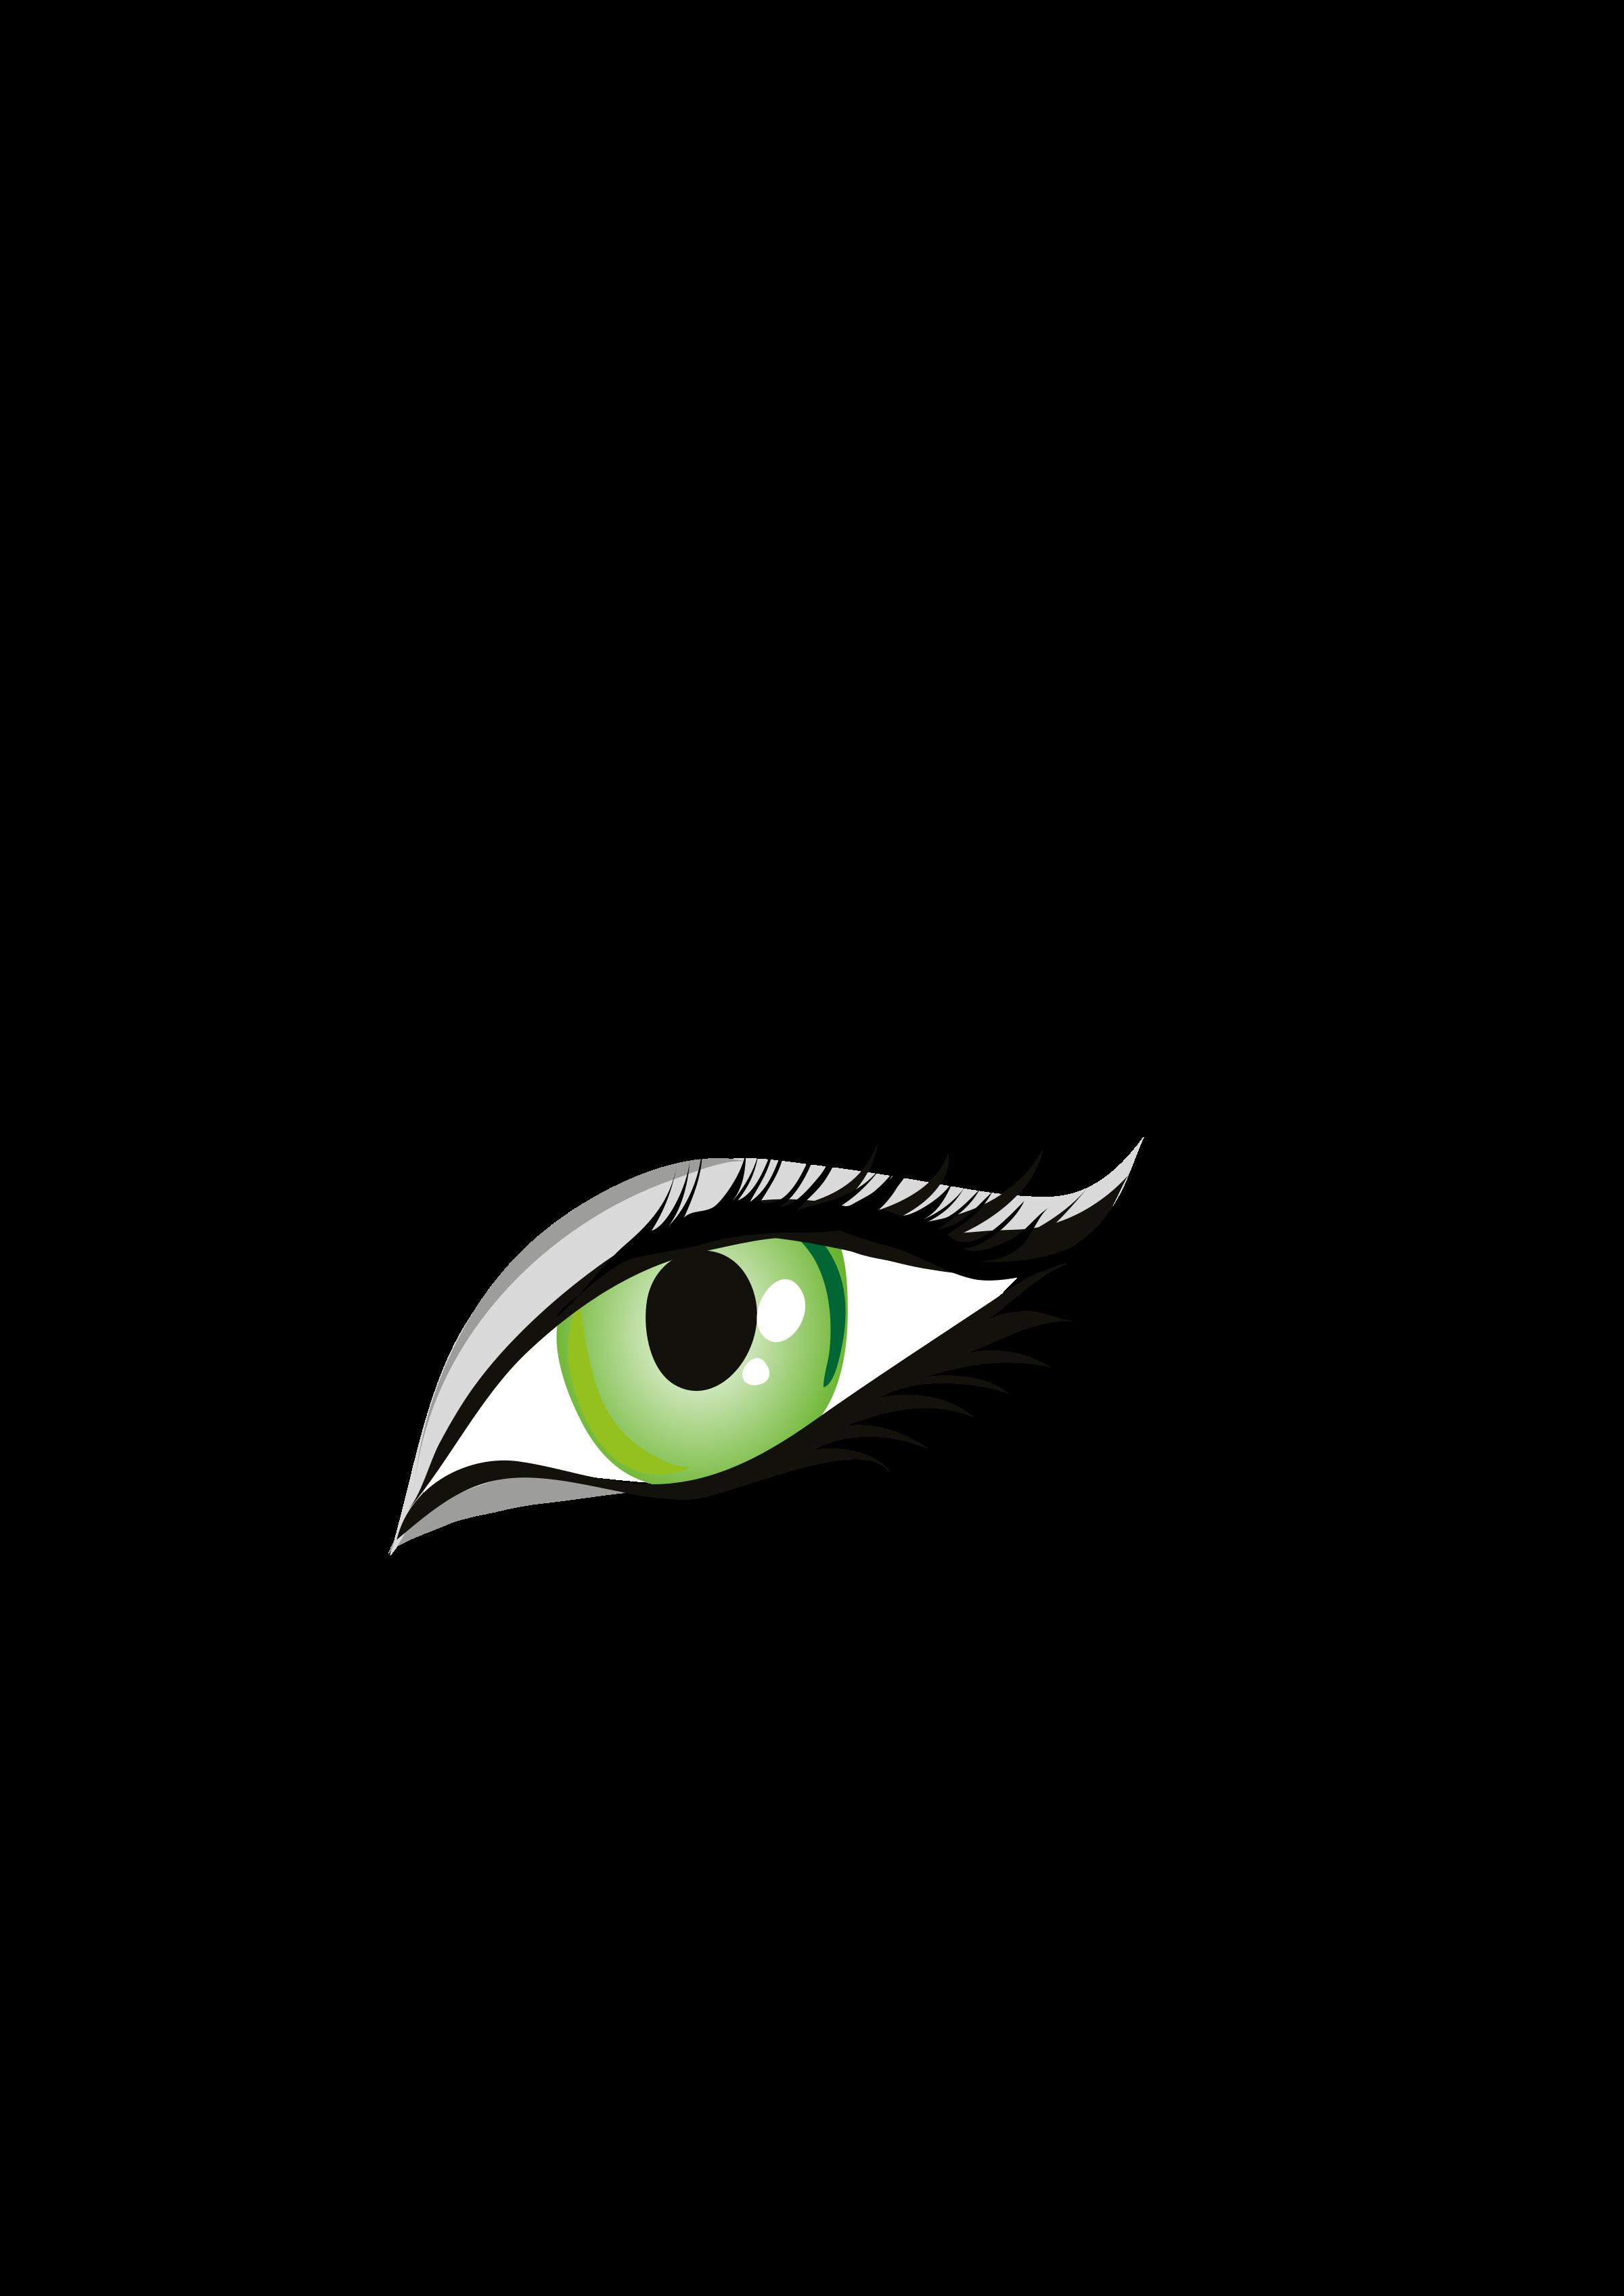 Occhio big image png. Eyelashes clipart svg